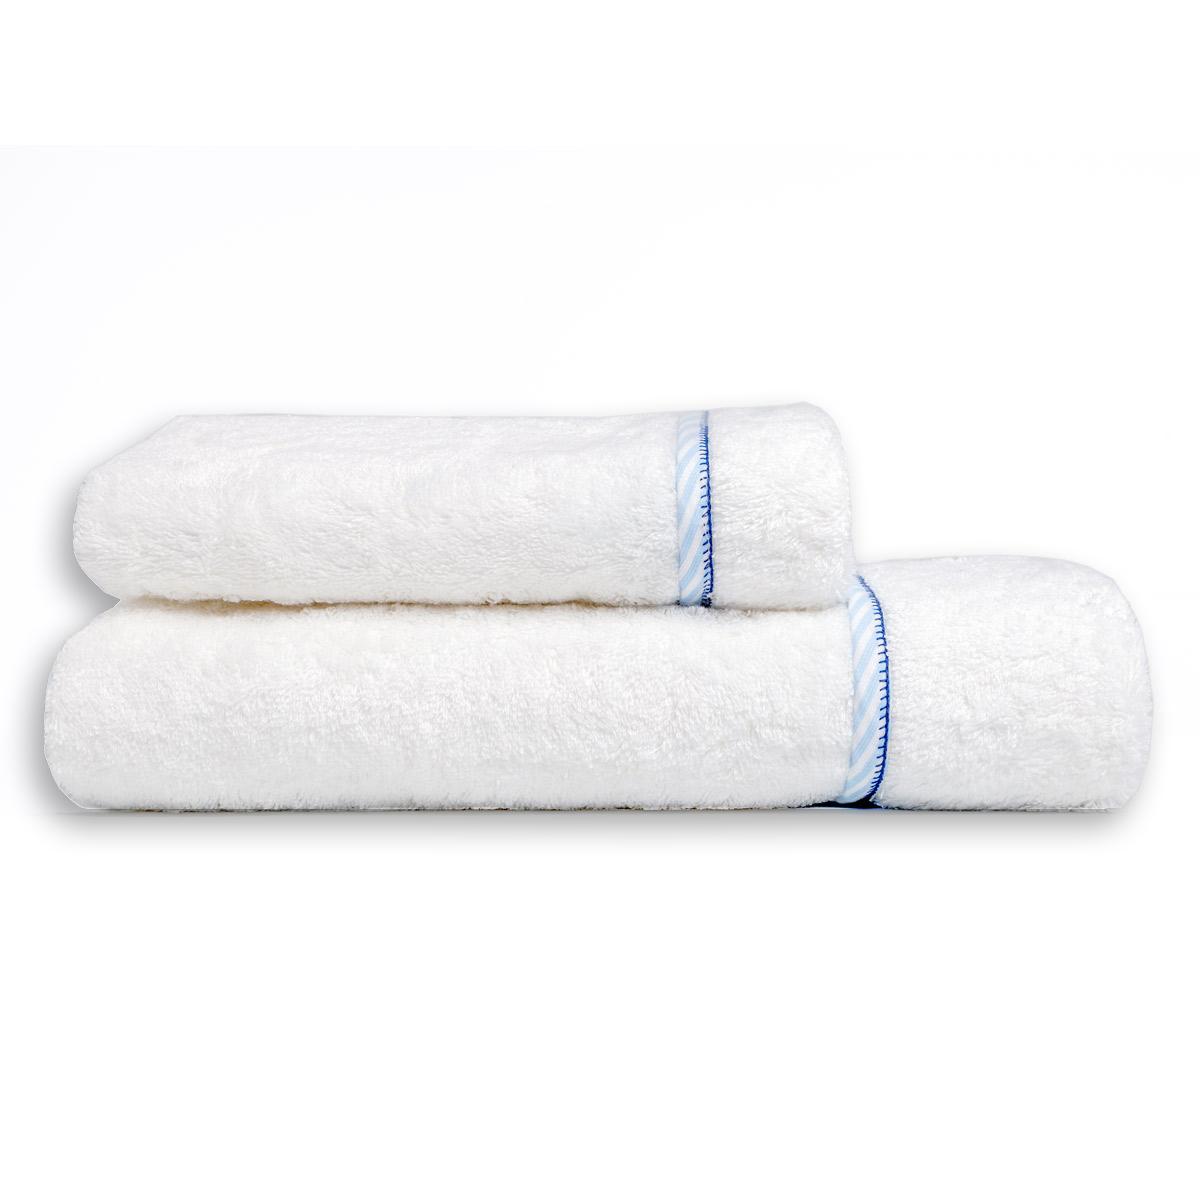 Βρεφικές Πετσέτες (Σετ 2τμχ) Mother Touch Frame Blue